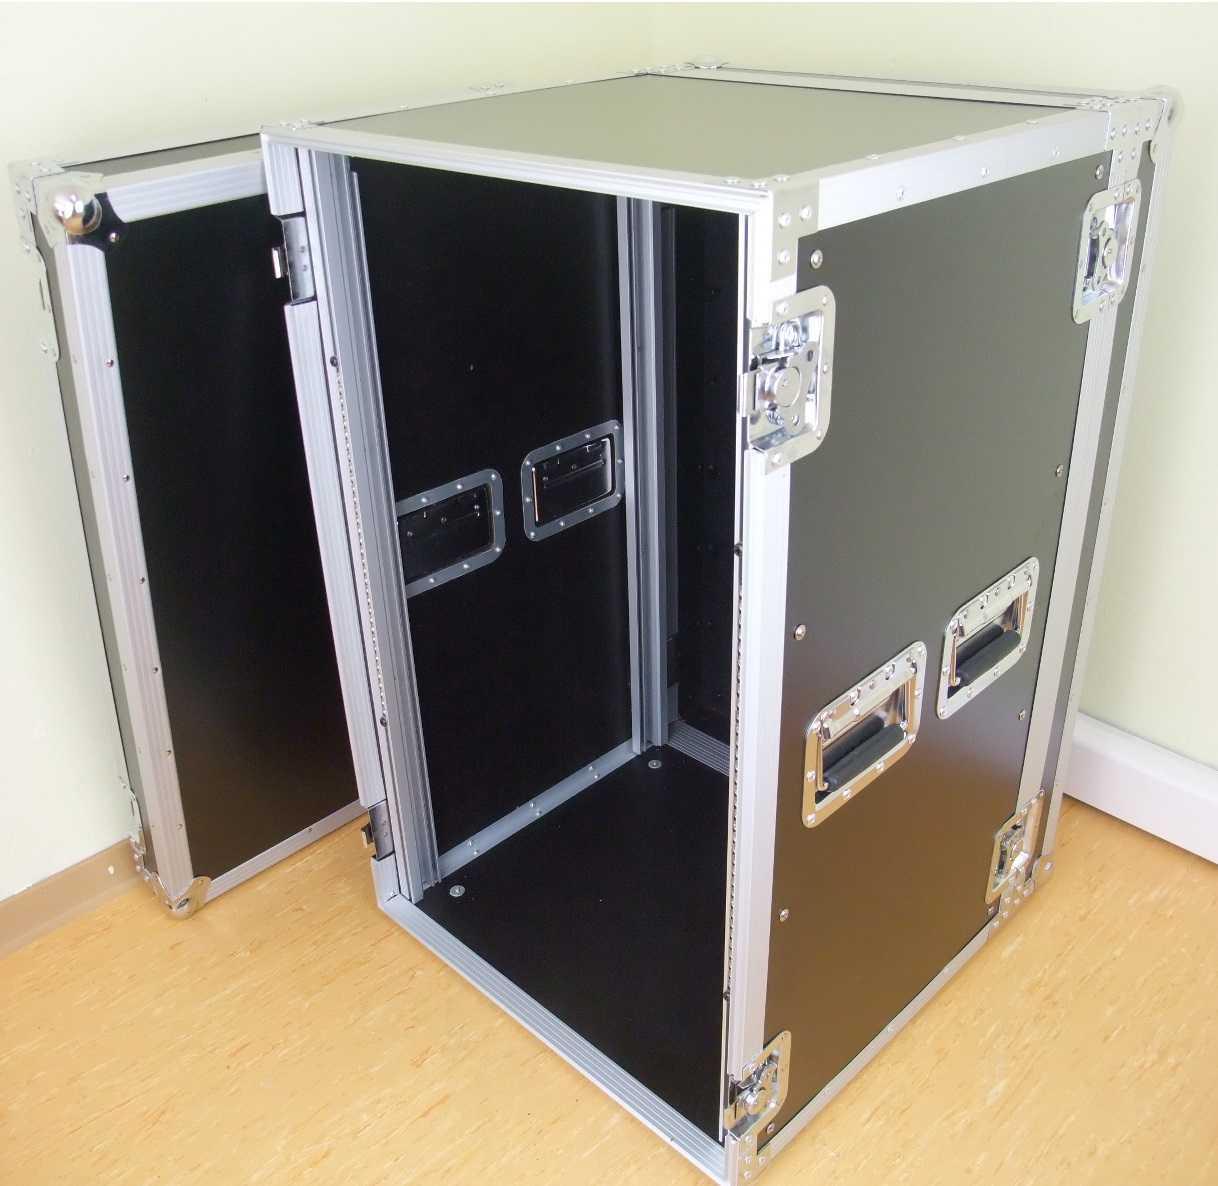 19  18 HE Verstärkerrack 47 cm tief Serverrack Endstufenrack Amprack Case Rack